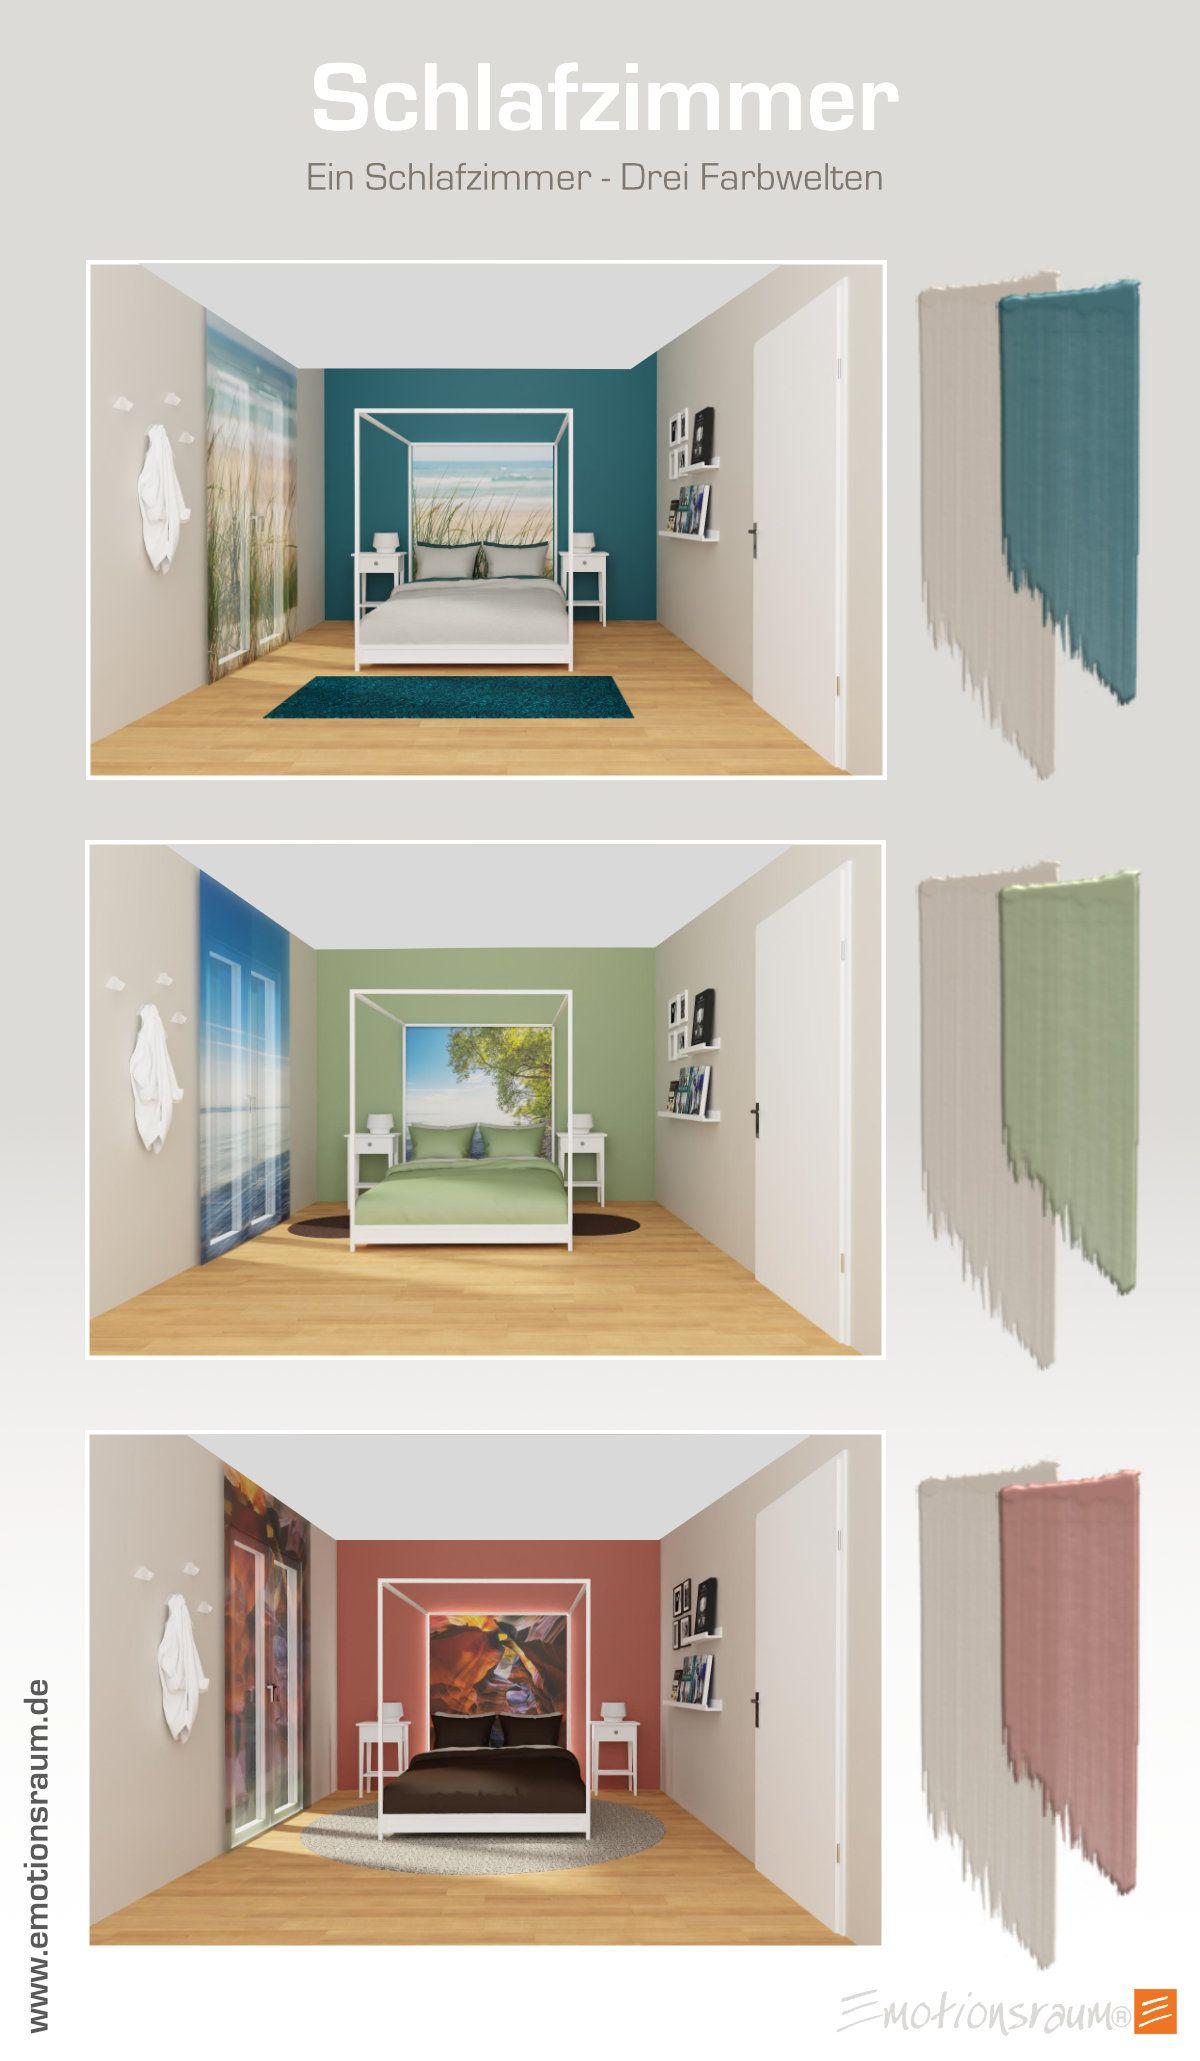 Neuer Look Furs Schlafzimmer Leicht Gemacht Mit Individuellen Textilien Und Ruhigen Farben Entsteht Ein Inspirierender Ruckzugsraum Zu Schlafzimmer Zimmer Raum